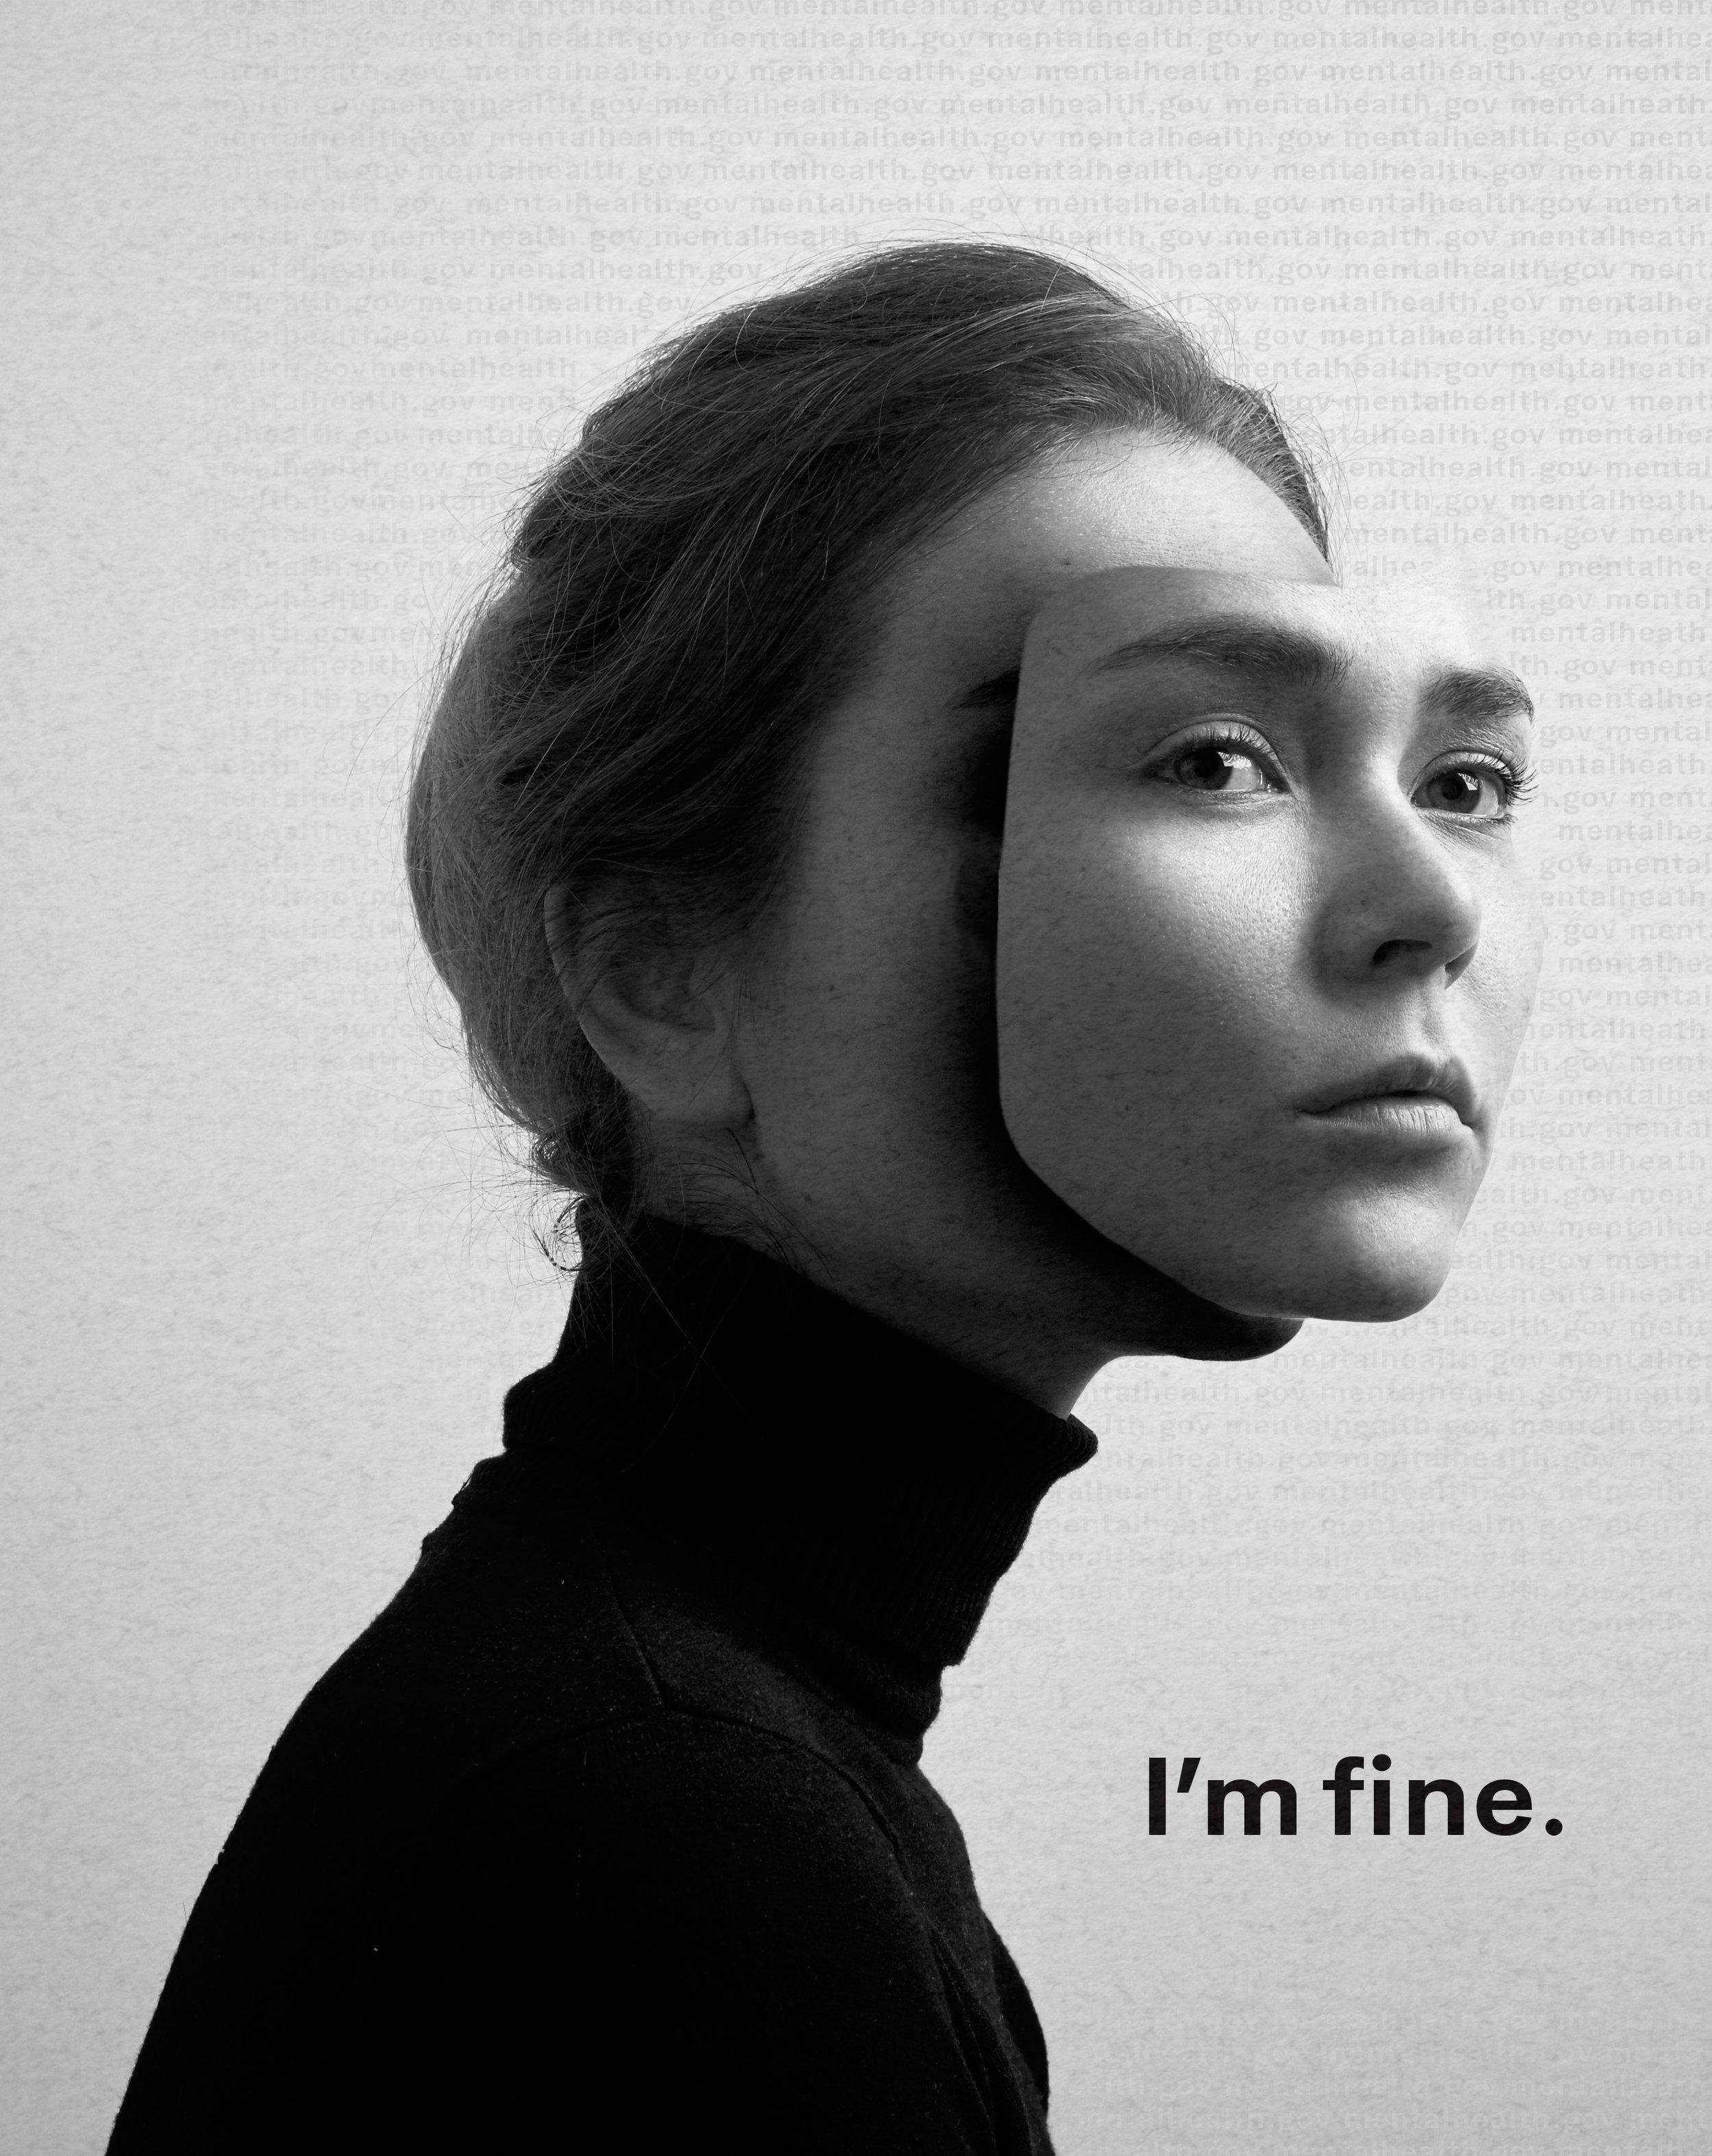 fine_poster